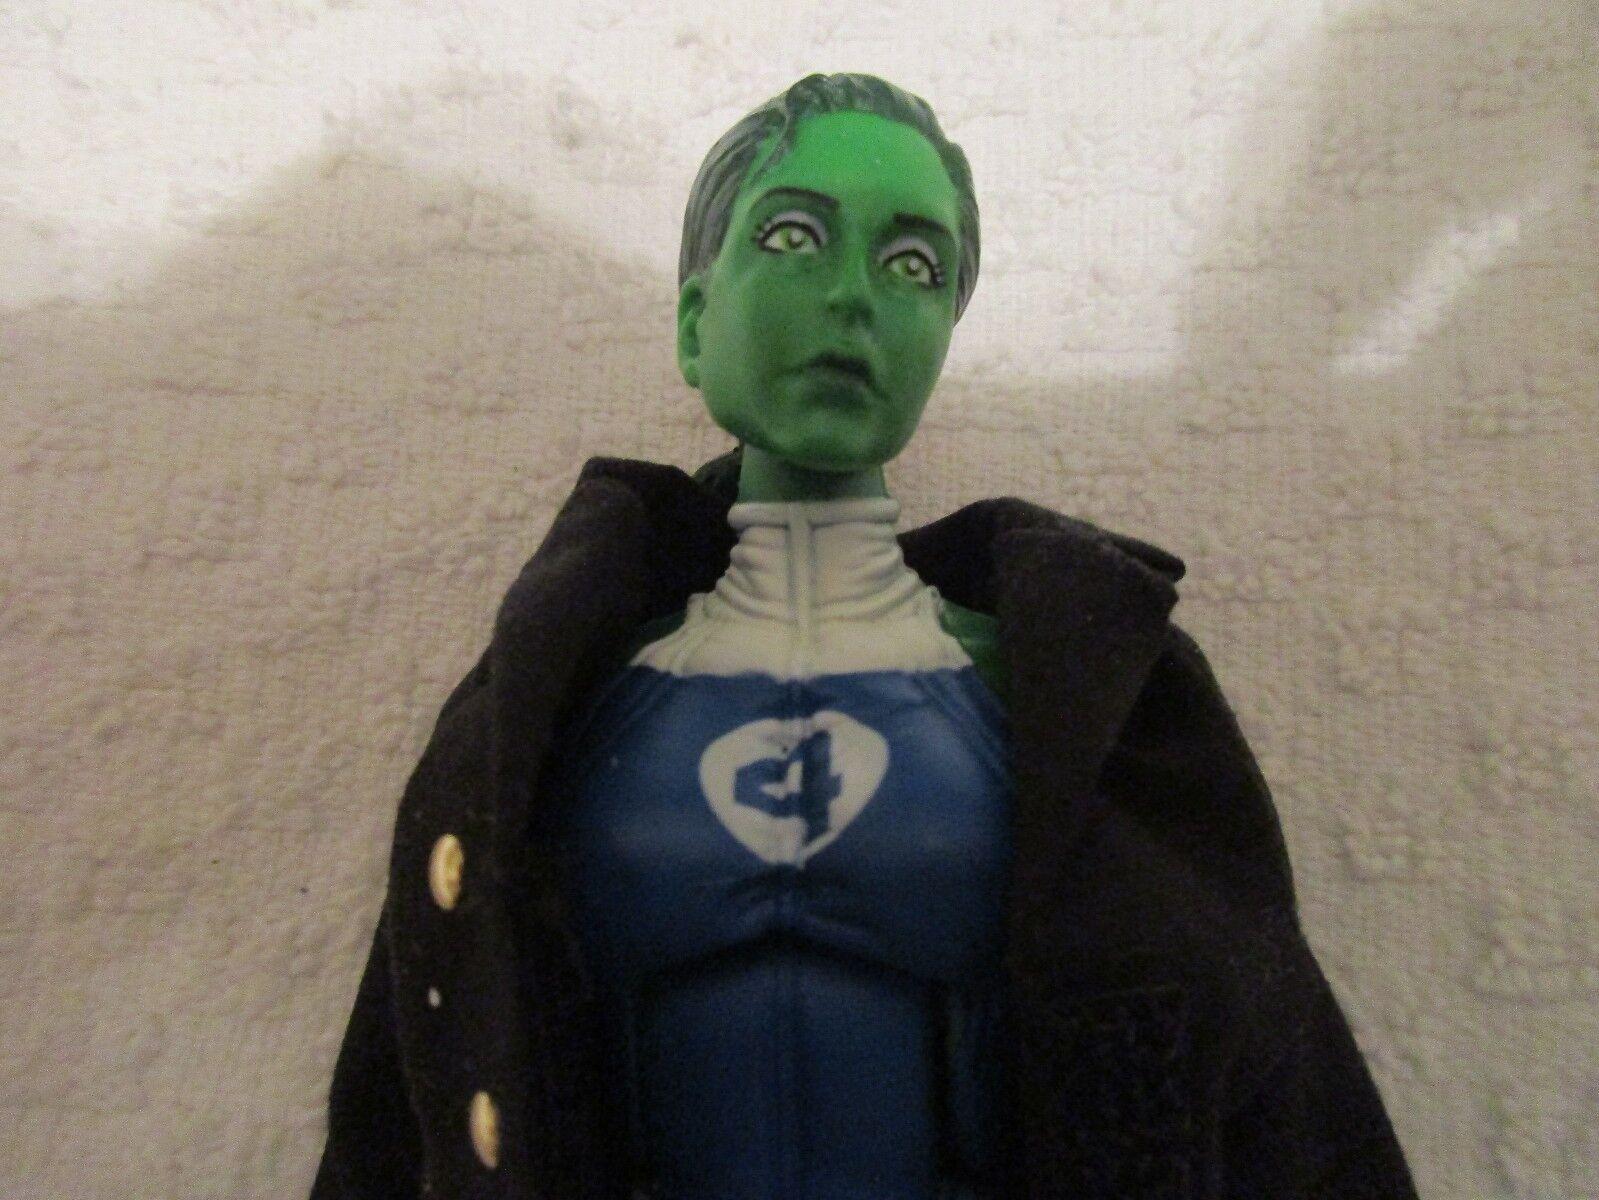 Loose Marvel Legends SDCC Fantastic Four 4 She-Hulk Jennifer Walters Attorney